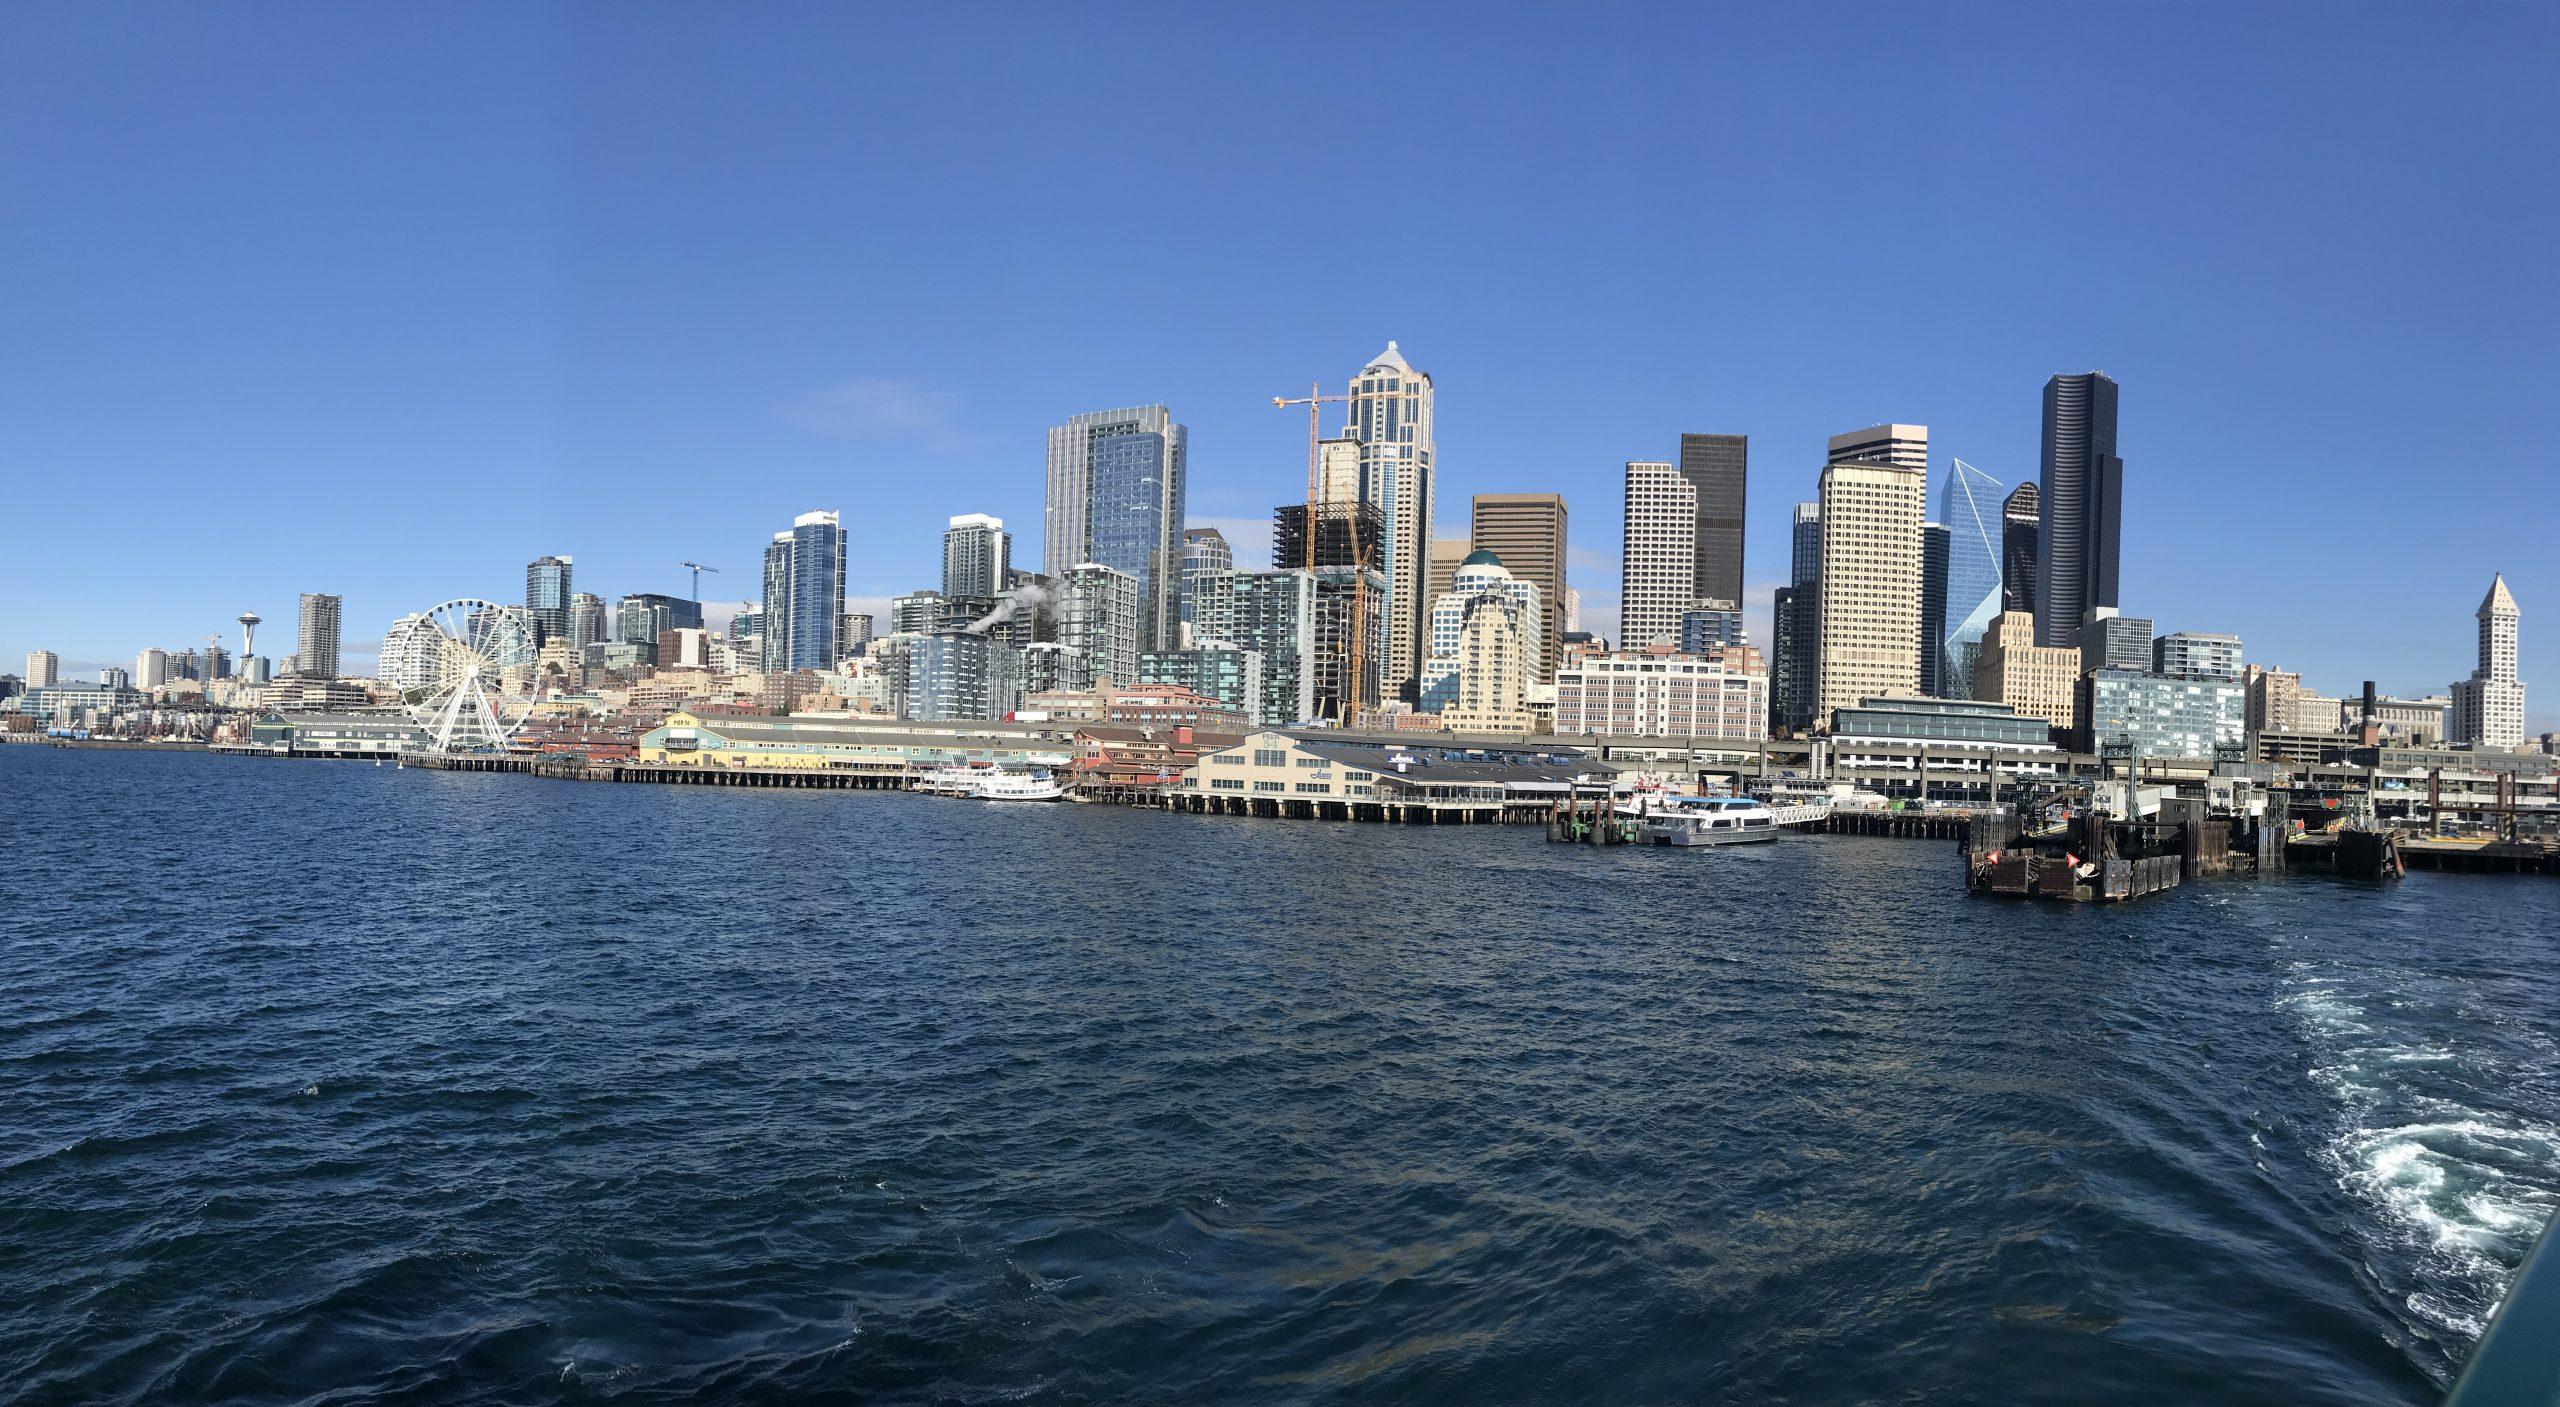 Seattle depuis le Ferry pour Bainbridge Island